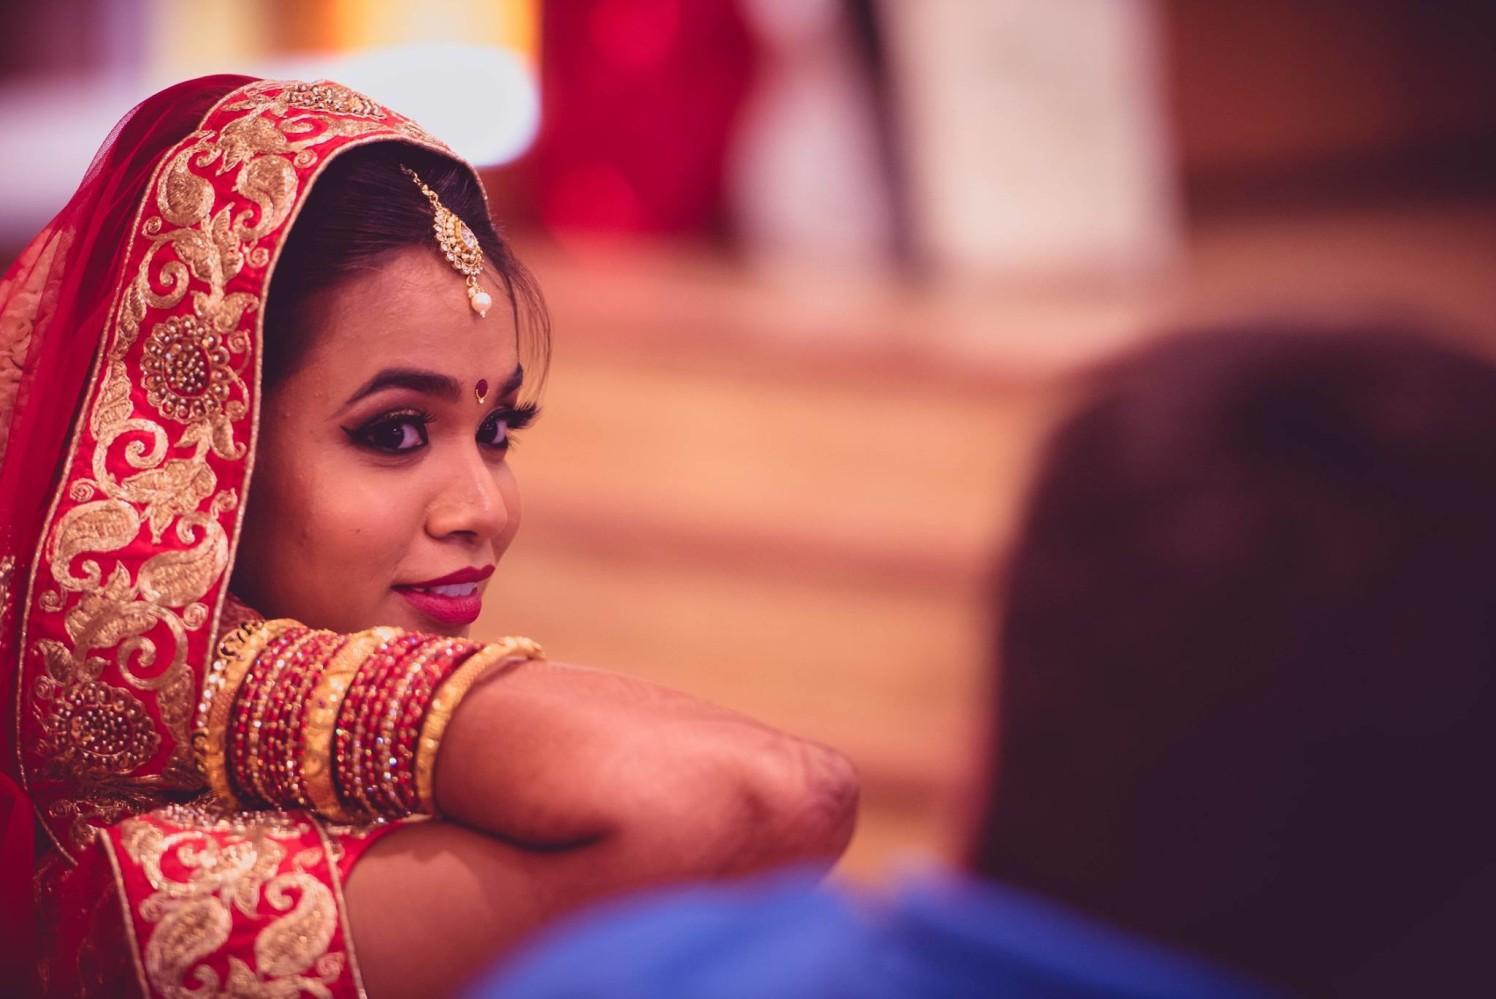 Pretty Indian bride by Dushyantha Kumar C Wedding-photography | Weddings Photos & Ideas